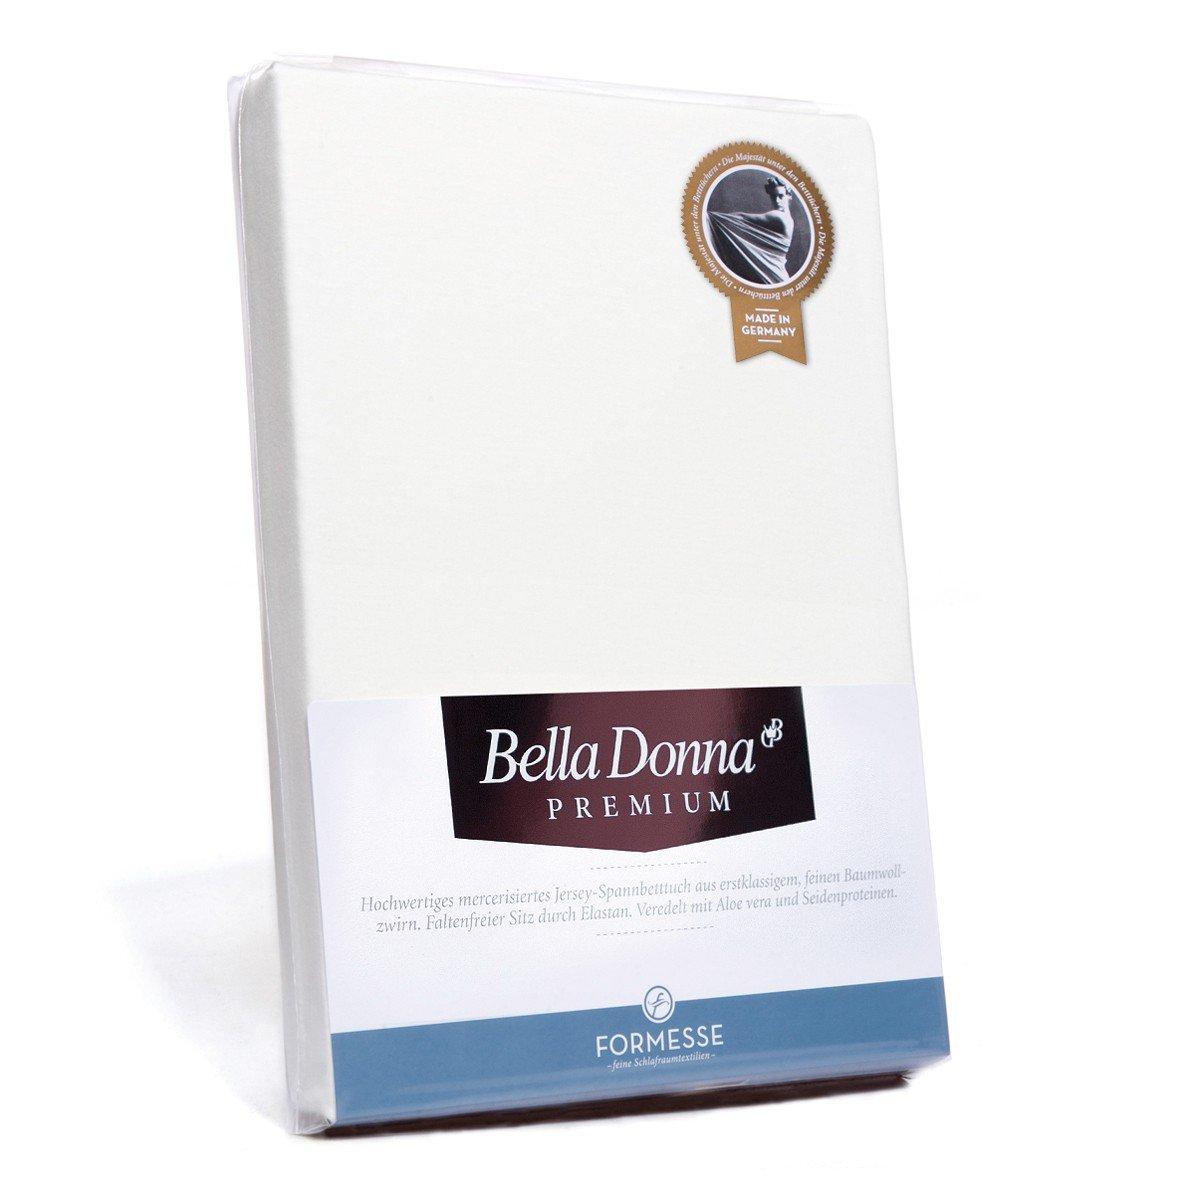 Formesse Spannbettlaken Bella Damenschuhe Premium weiss 180 200 - 200 220 cm